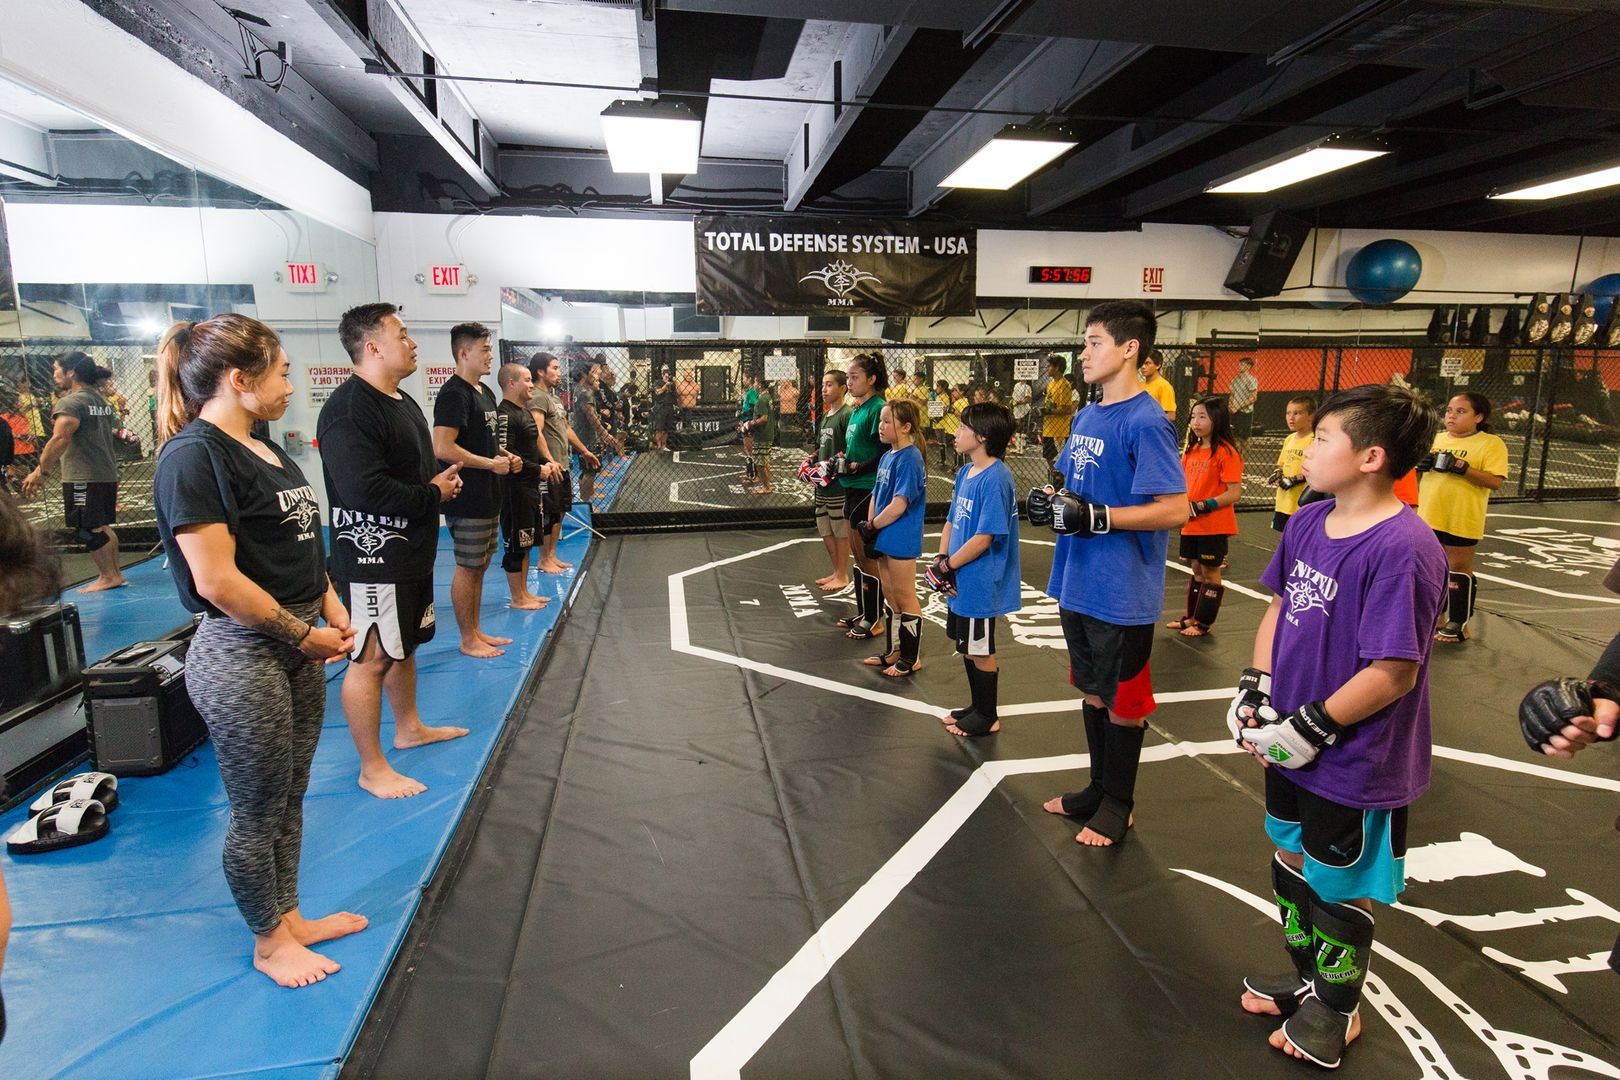 格闘技ジム「United MMA」で指導するケン・リー